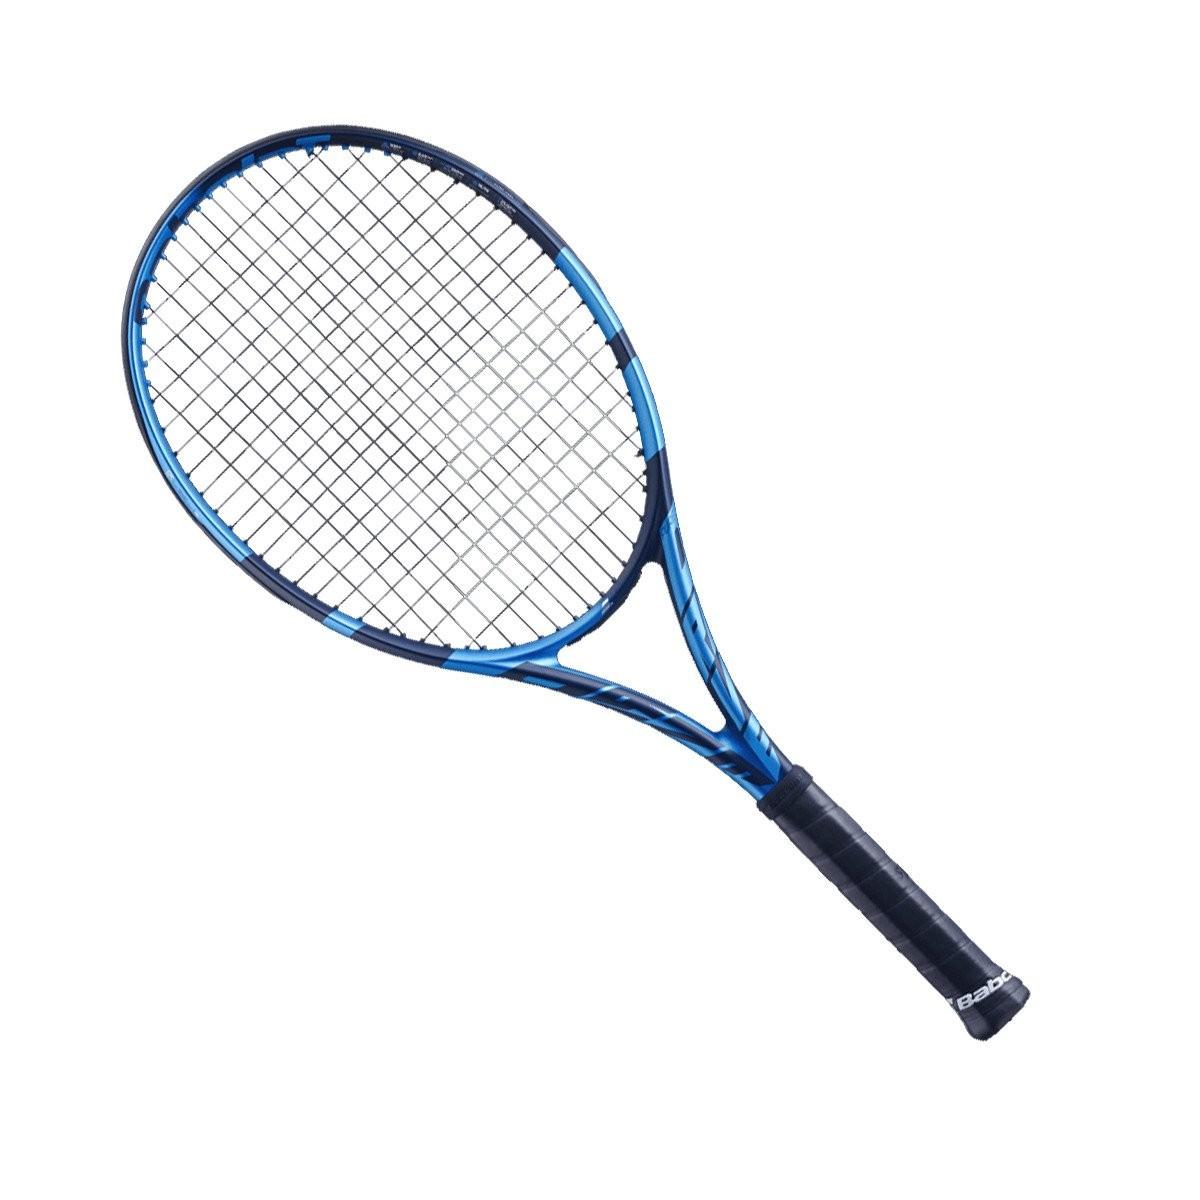 Raquete de Tênis Babolat Pure Drive 300g - 2021